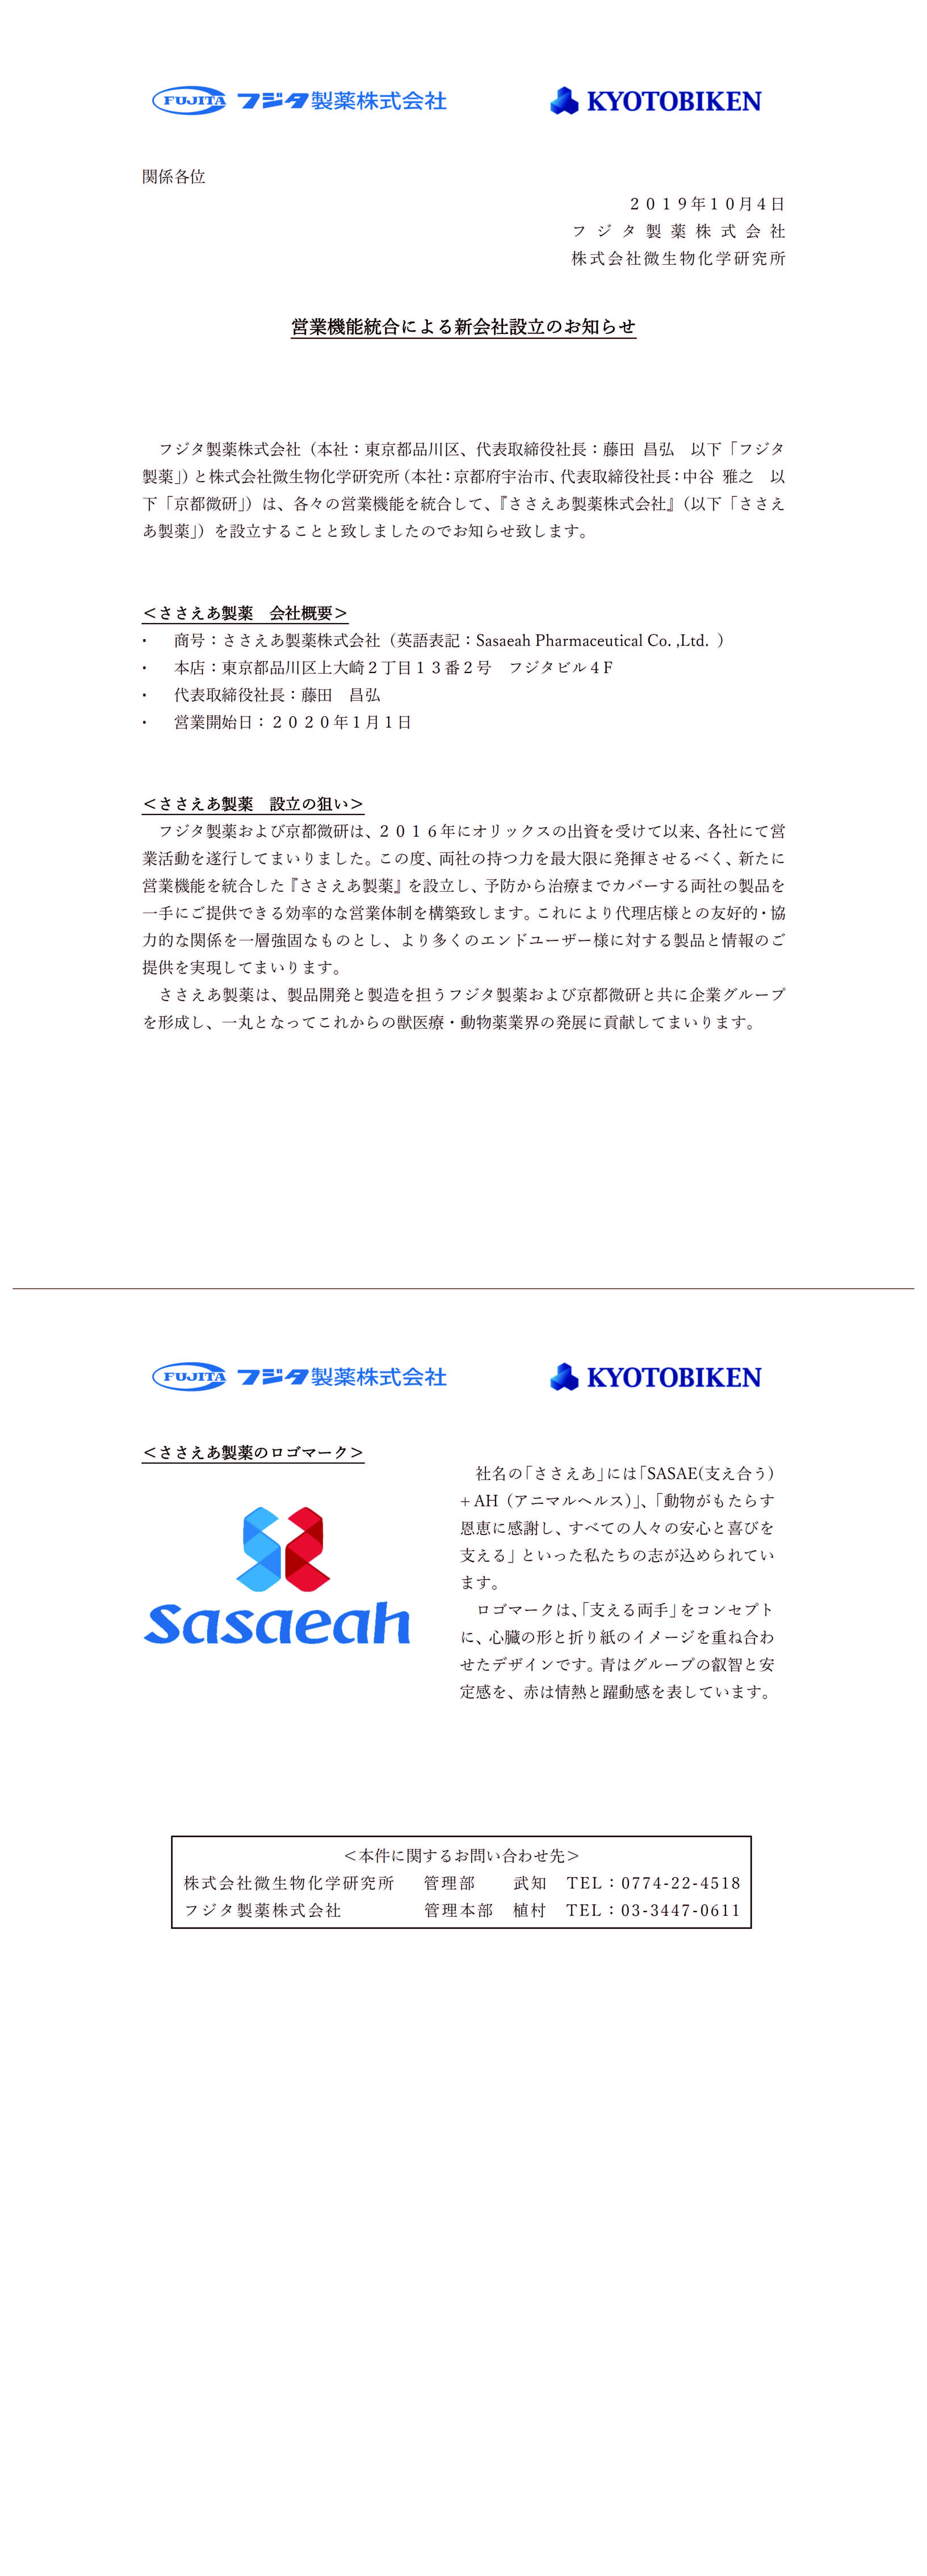 営業機能統合による新会社設立のお知らせ